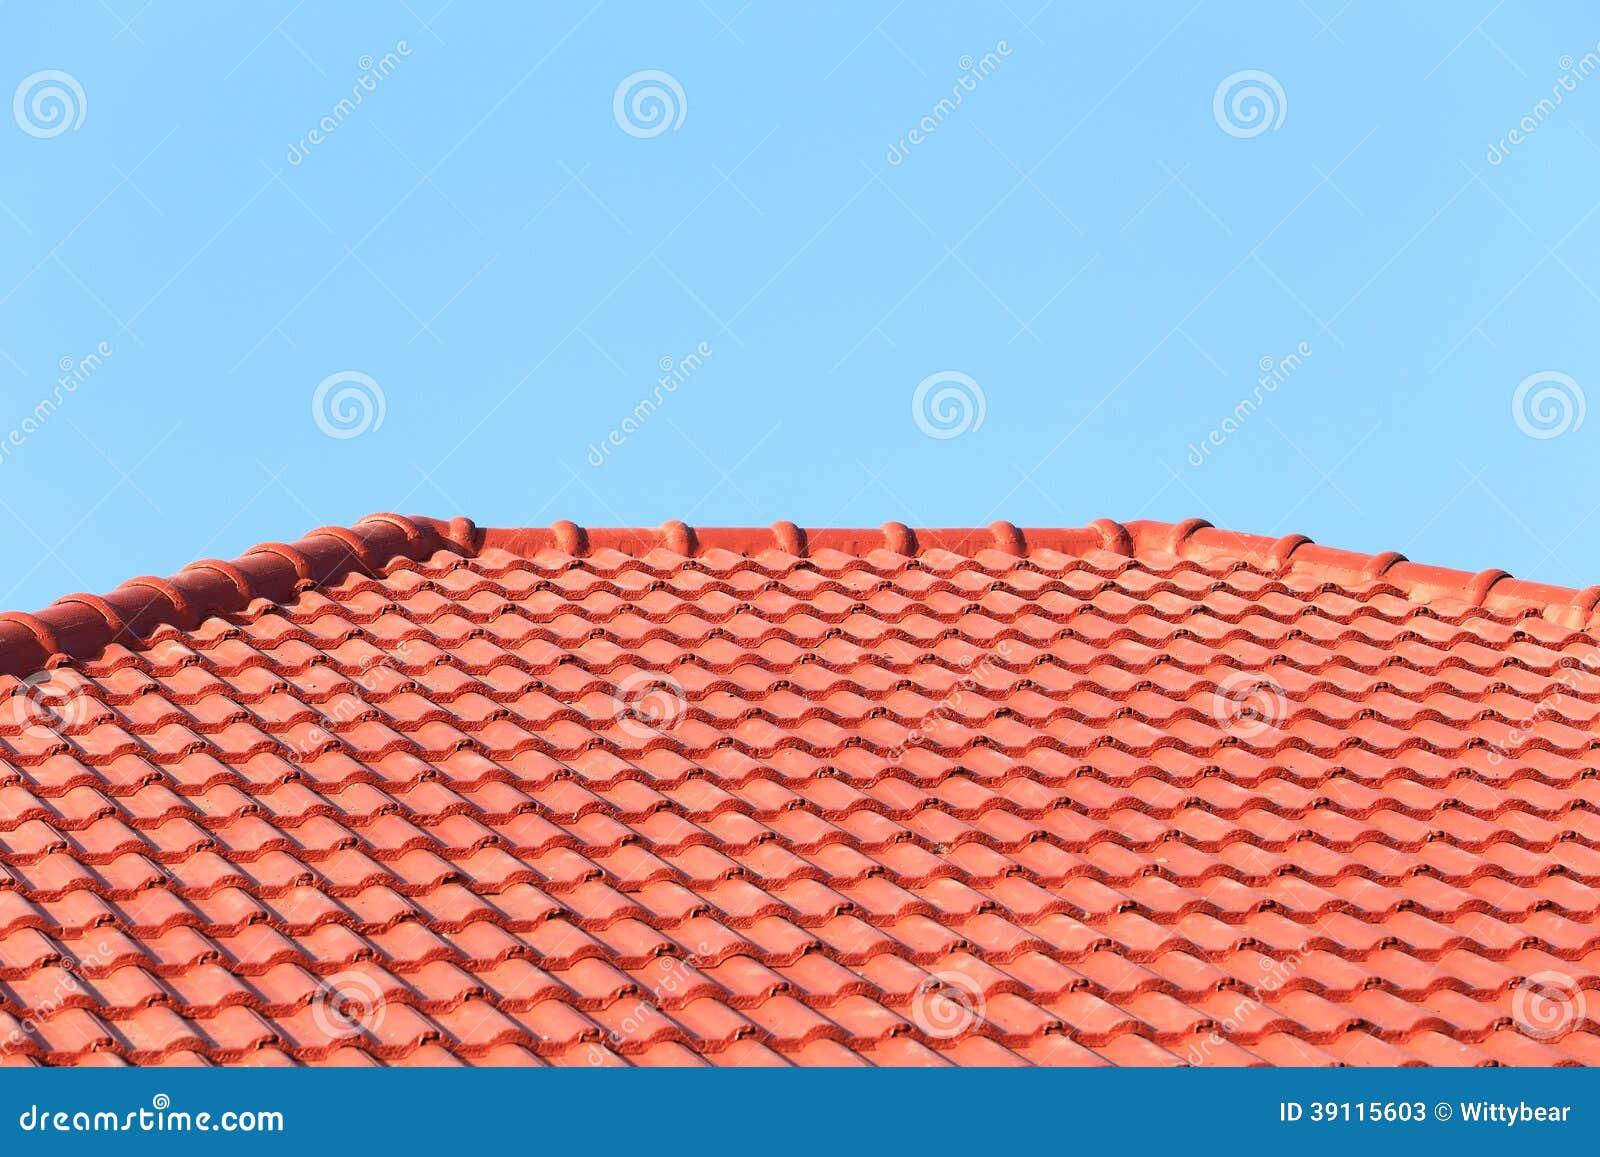 Het dak in aanbouw met stapels daktegels voor huis bouwt